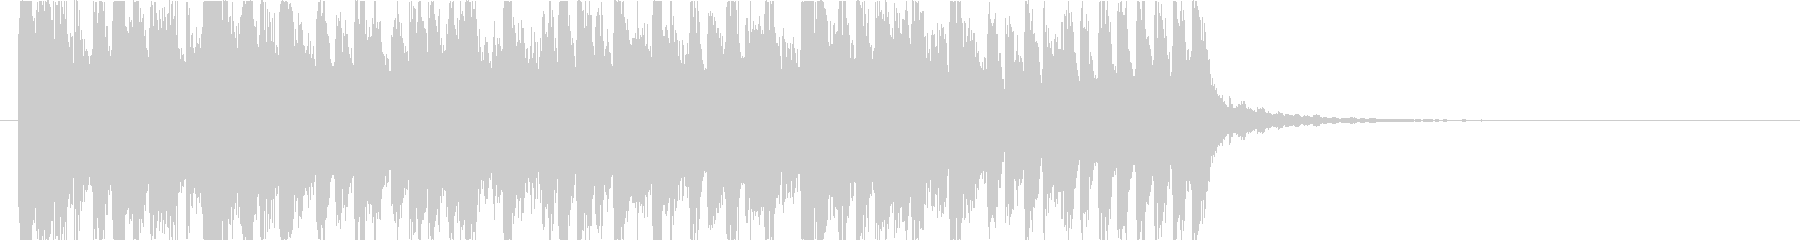 シンセによるクールなR&B、エレクトロの未再生の波形